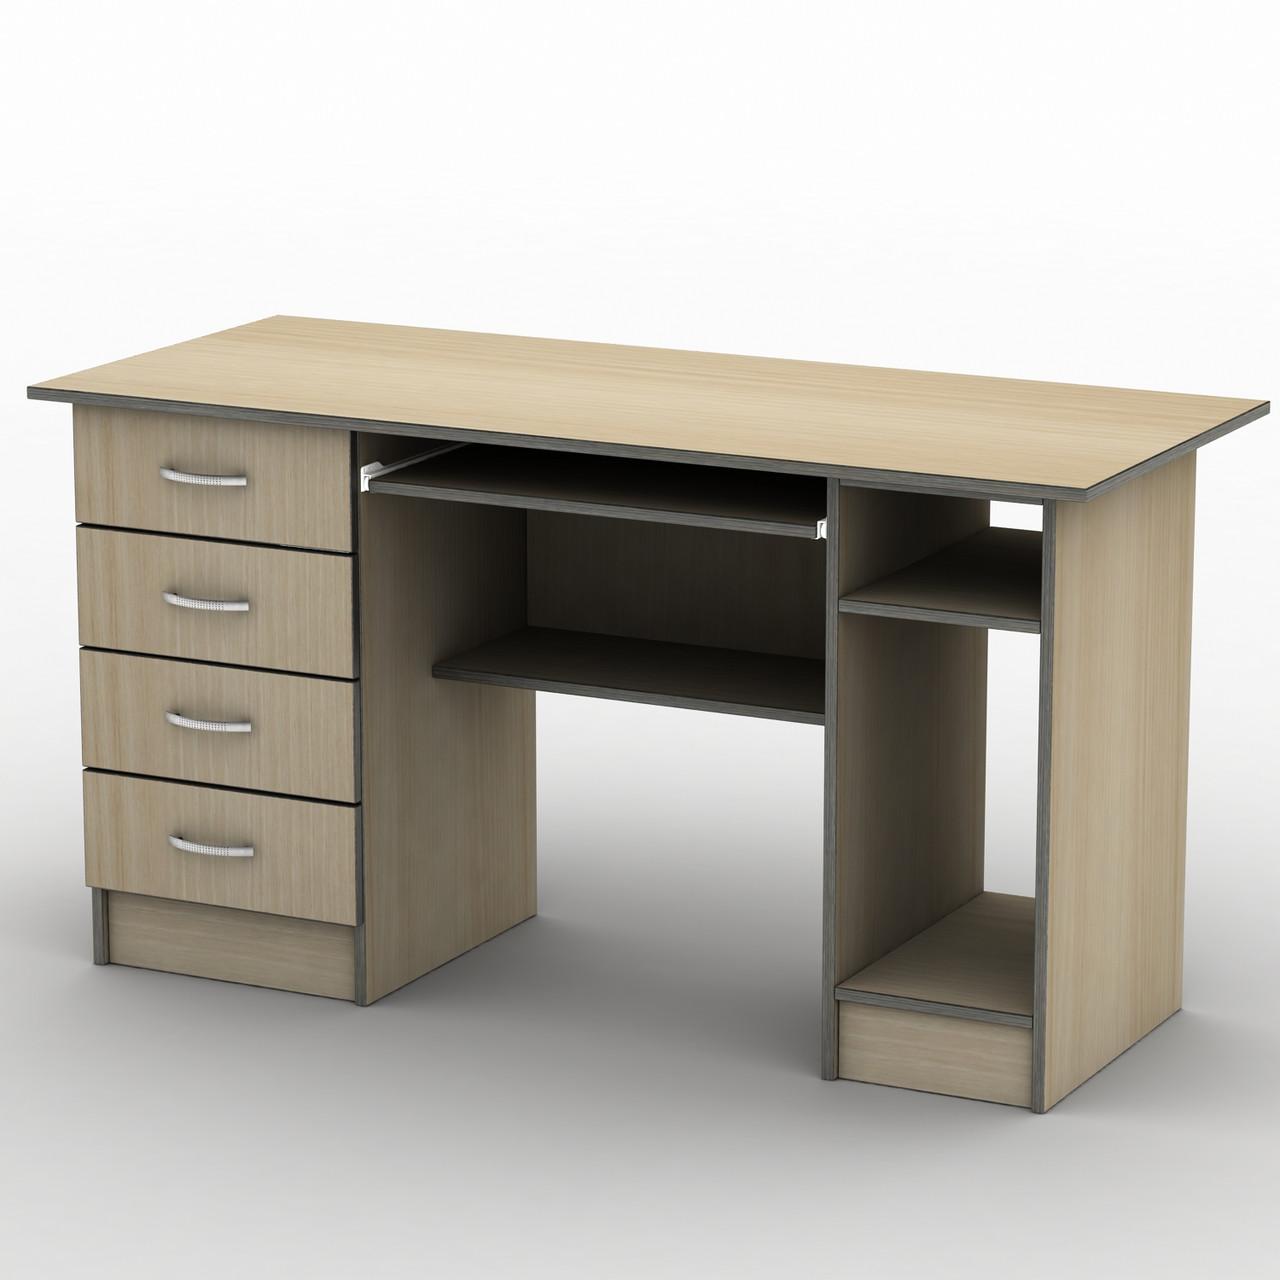 Комп'ютерний стіл Бюджет СК-4 (1300*600) Тіса меблі